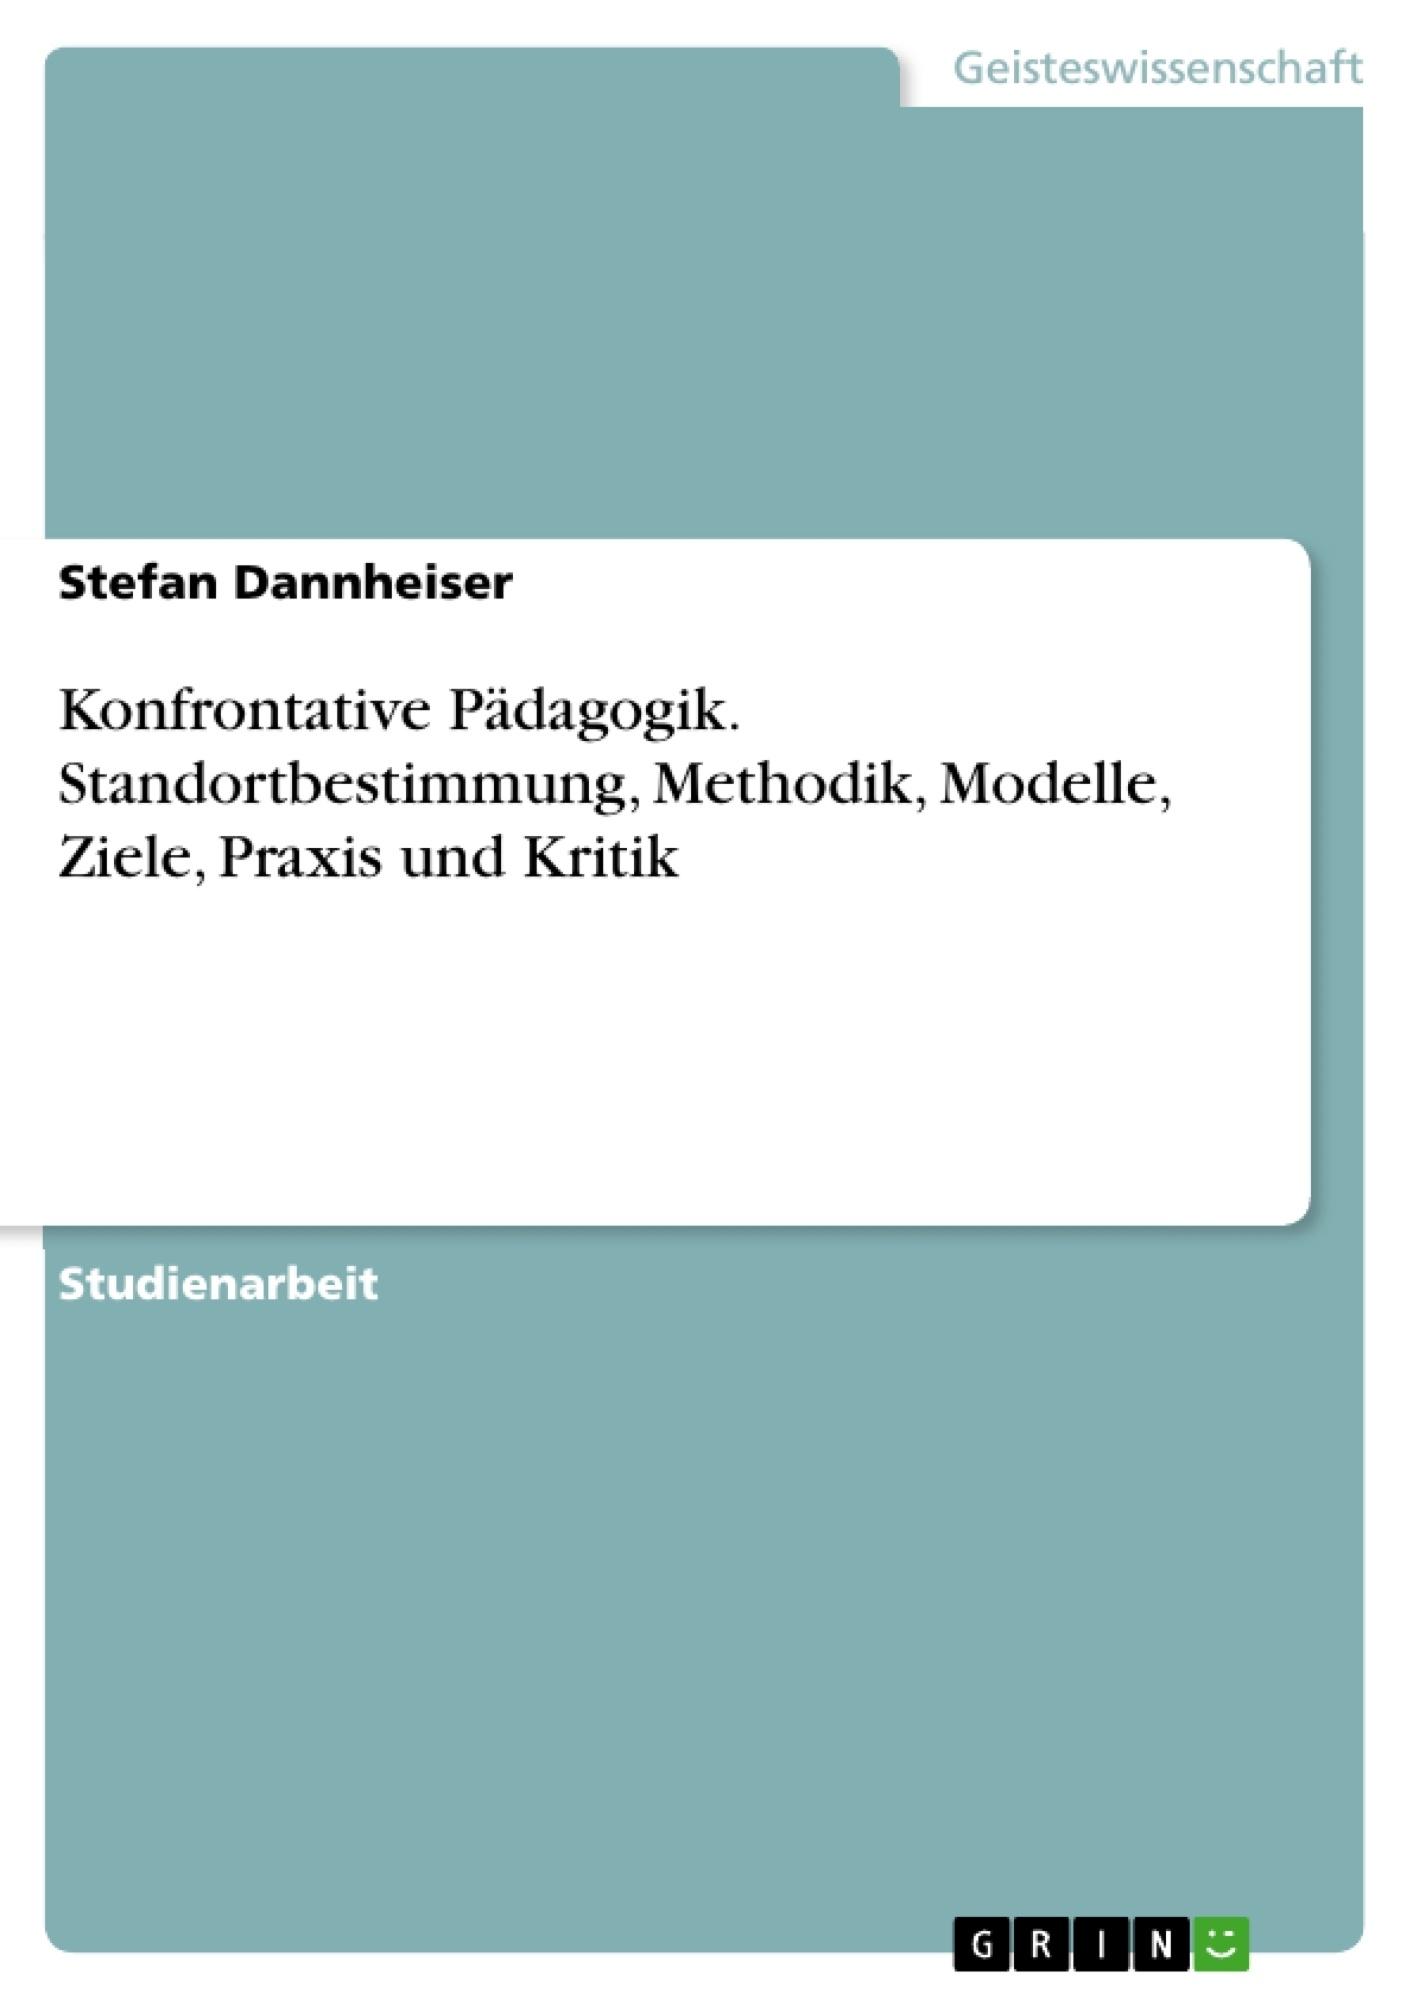 Titel: Konfrontative Pädagogik. Standortbestimmung, Methodik, Modelle, Ziele, Praxis und Kritik